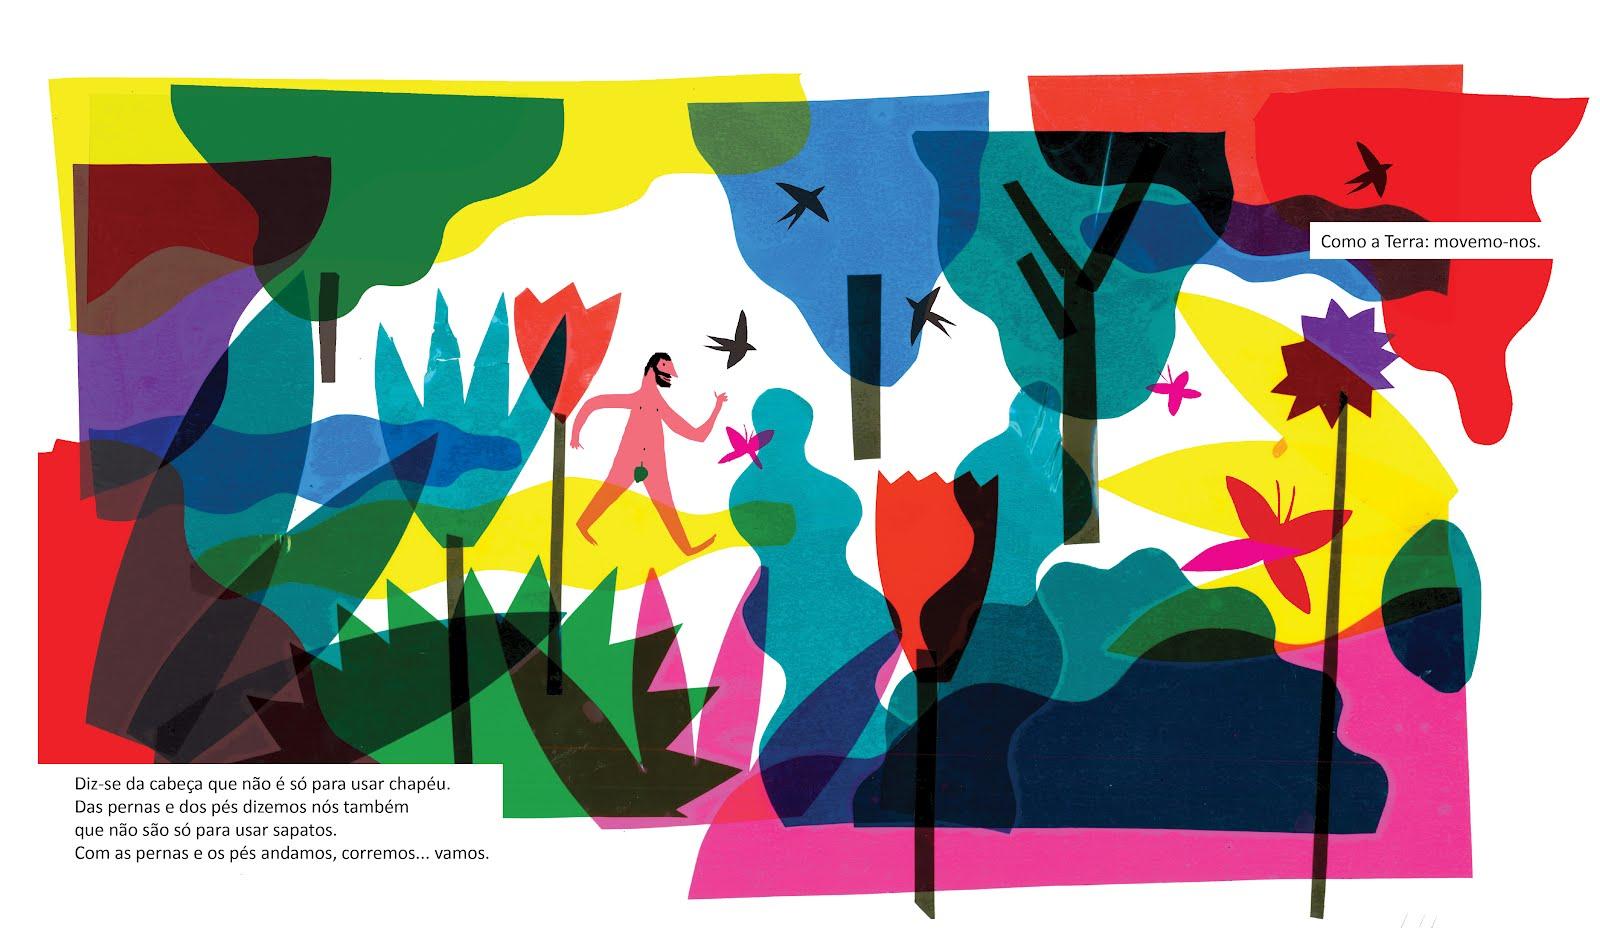 O livro <i>Ir e Vir<7i> com texto de Isabel Minhós Martins e ilustrações Bernardo Carvalho